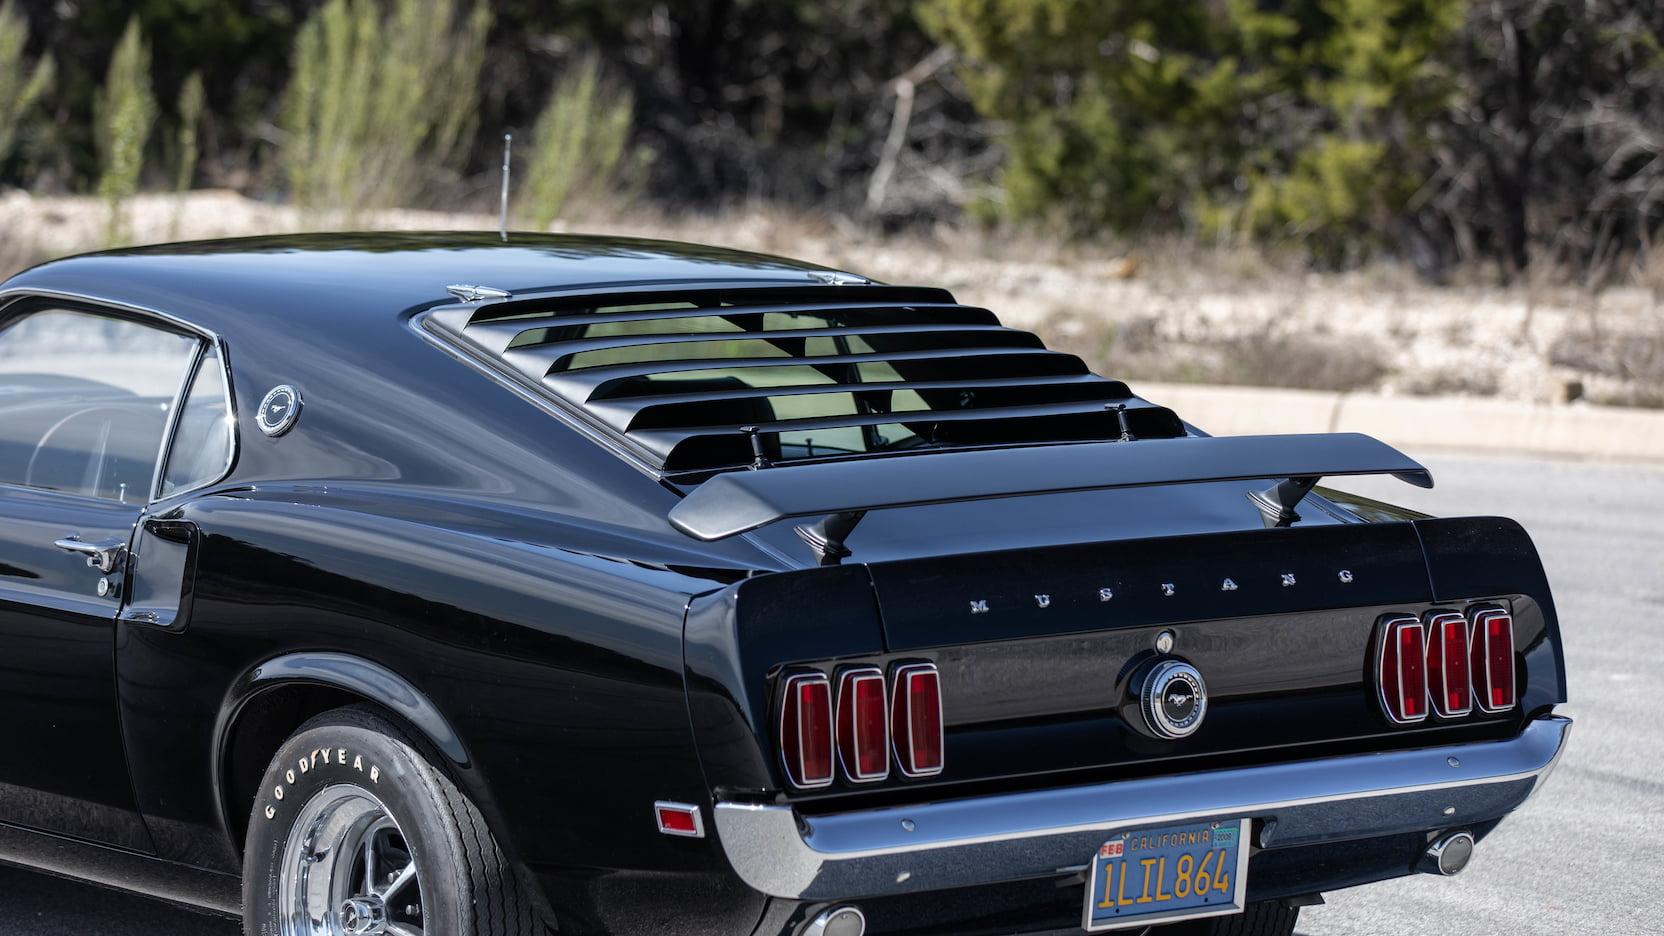 1969 Ford Mustang Boss 429 Fastback Rear Half